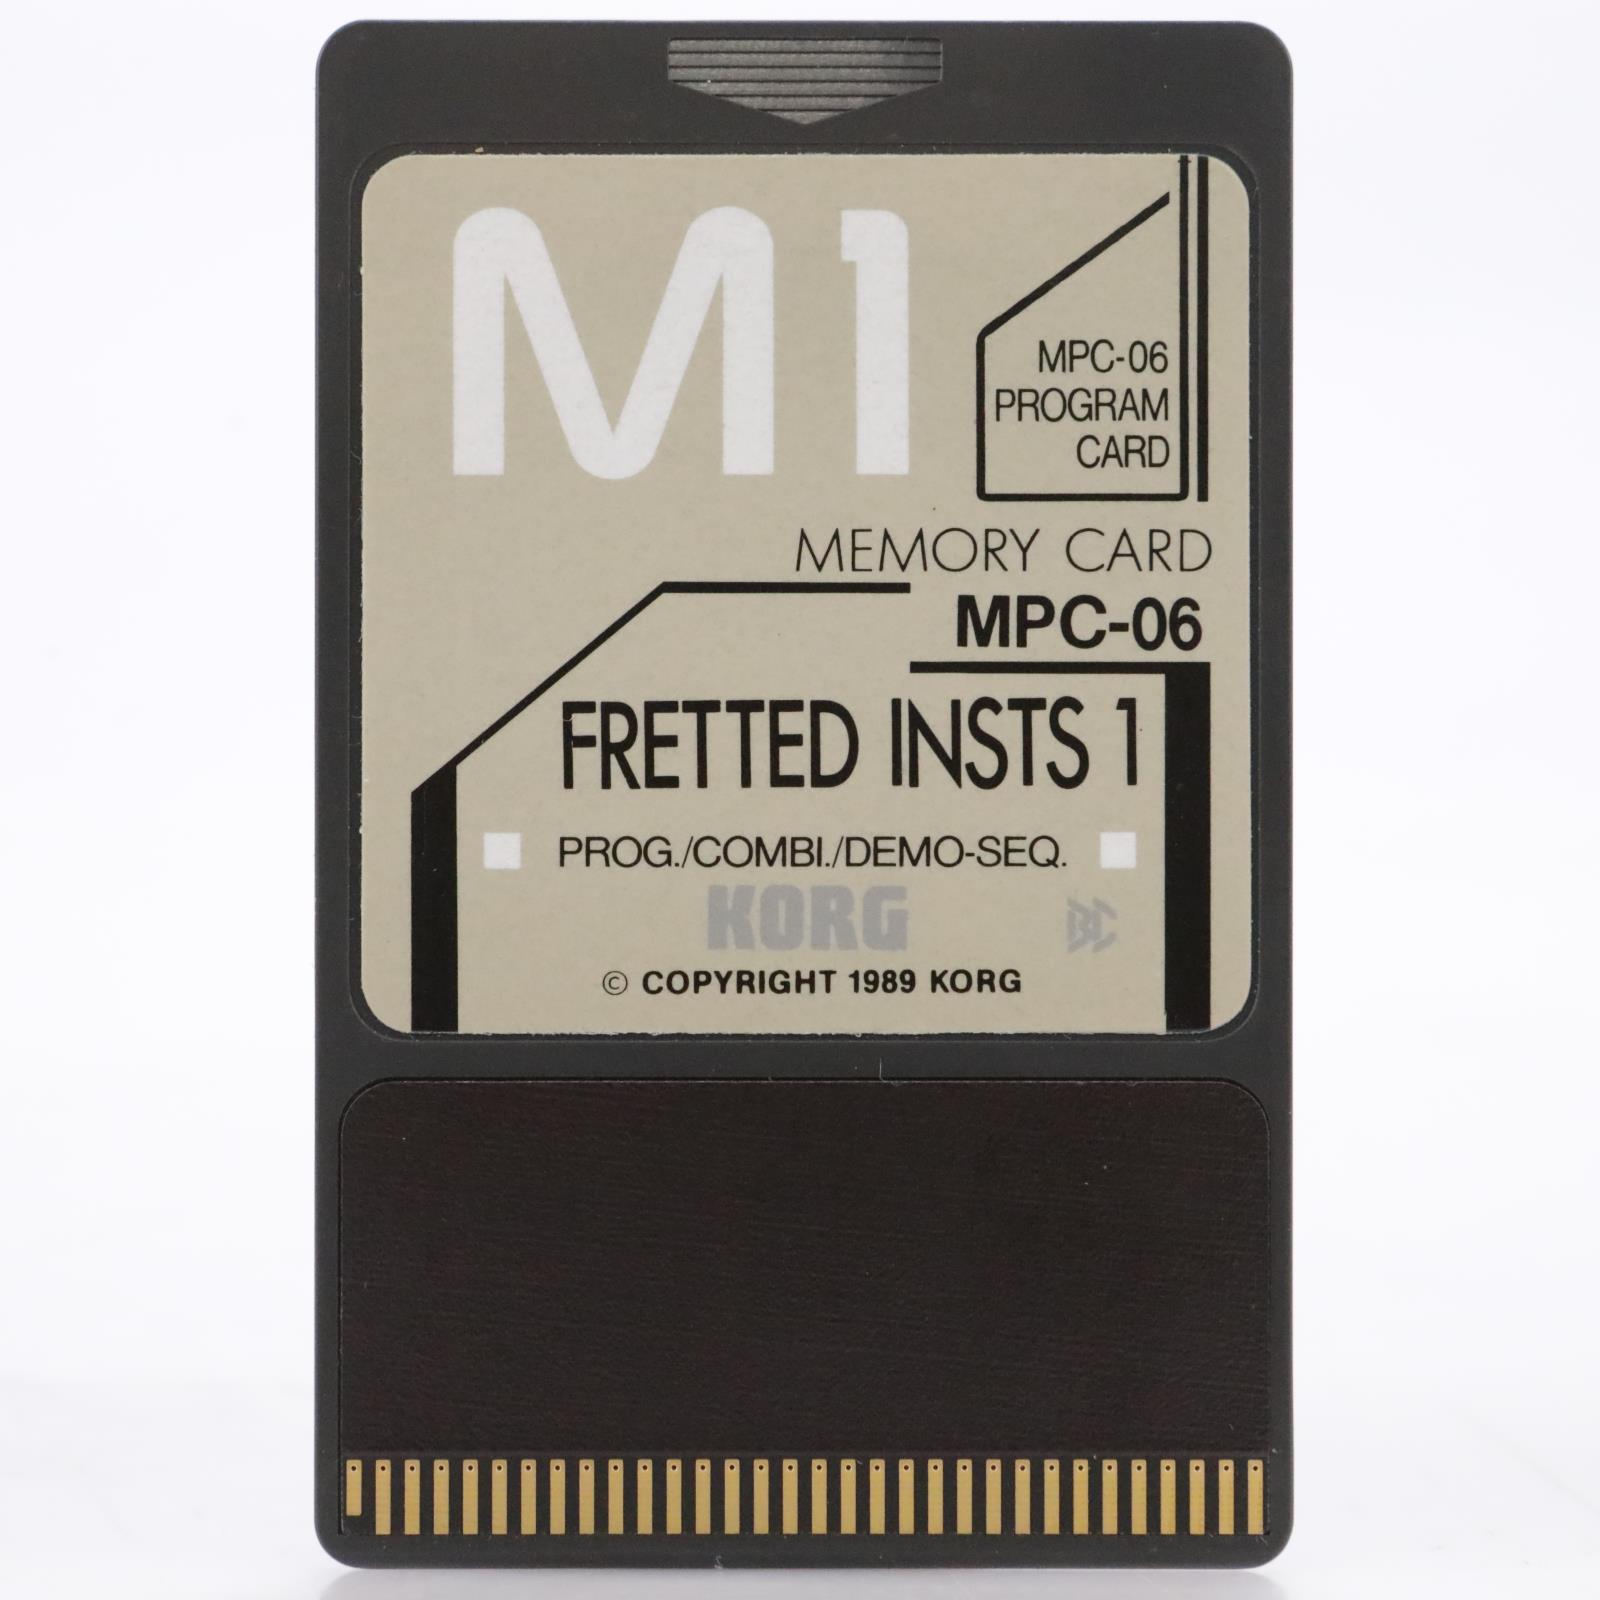 Korg MPC-06 Fretted Insts 1 Program ROM Card for Korg M1 #44179